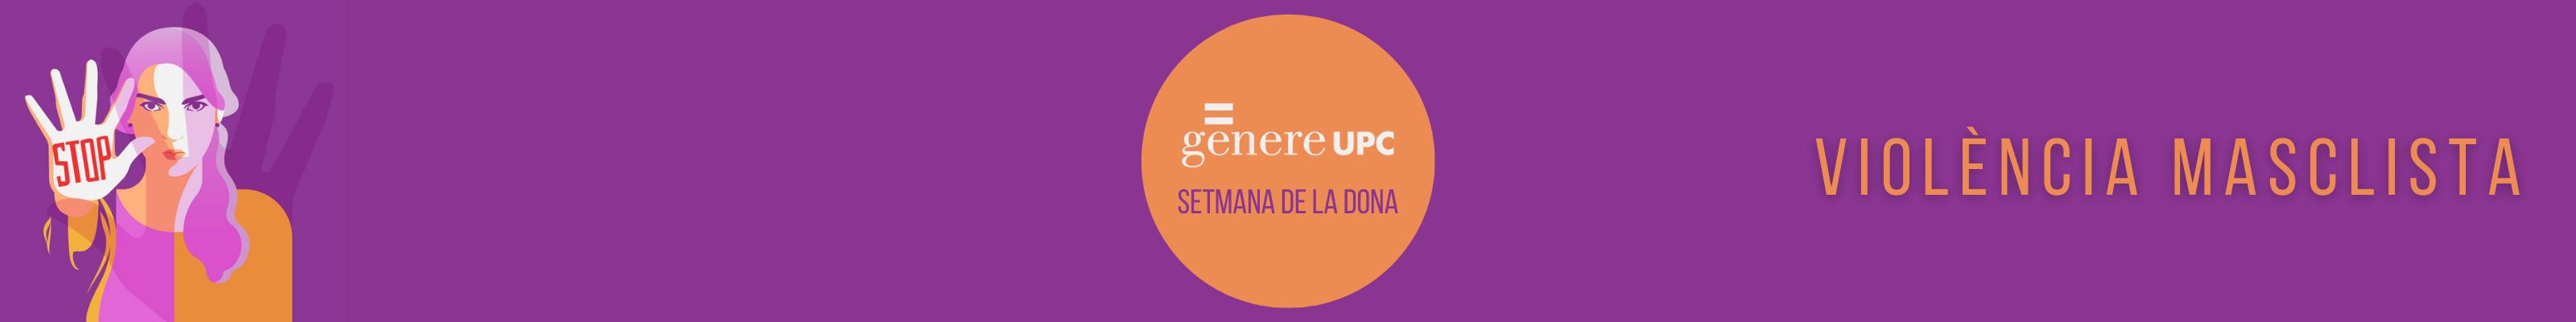 setmana-dona_vilencia-masclista.png